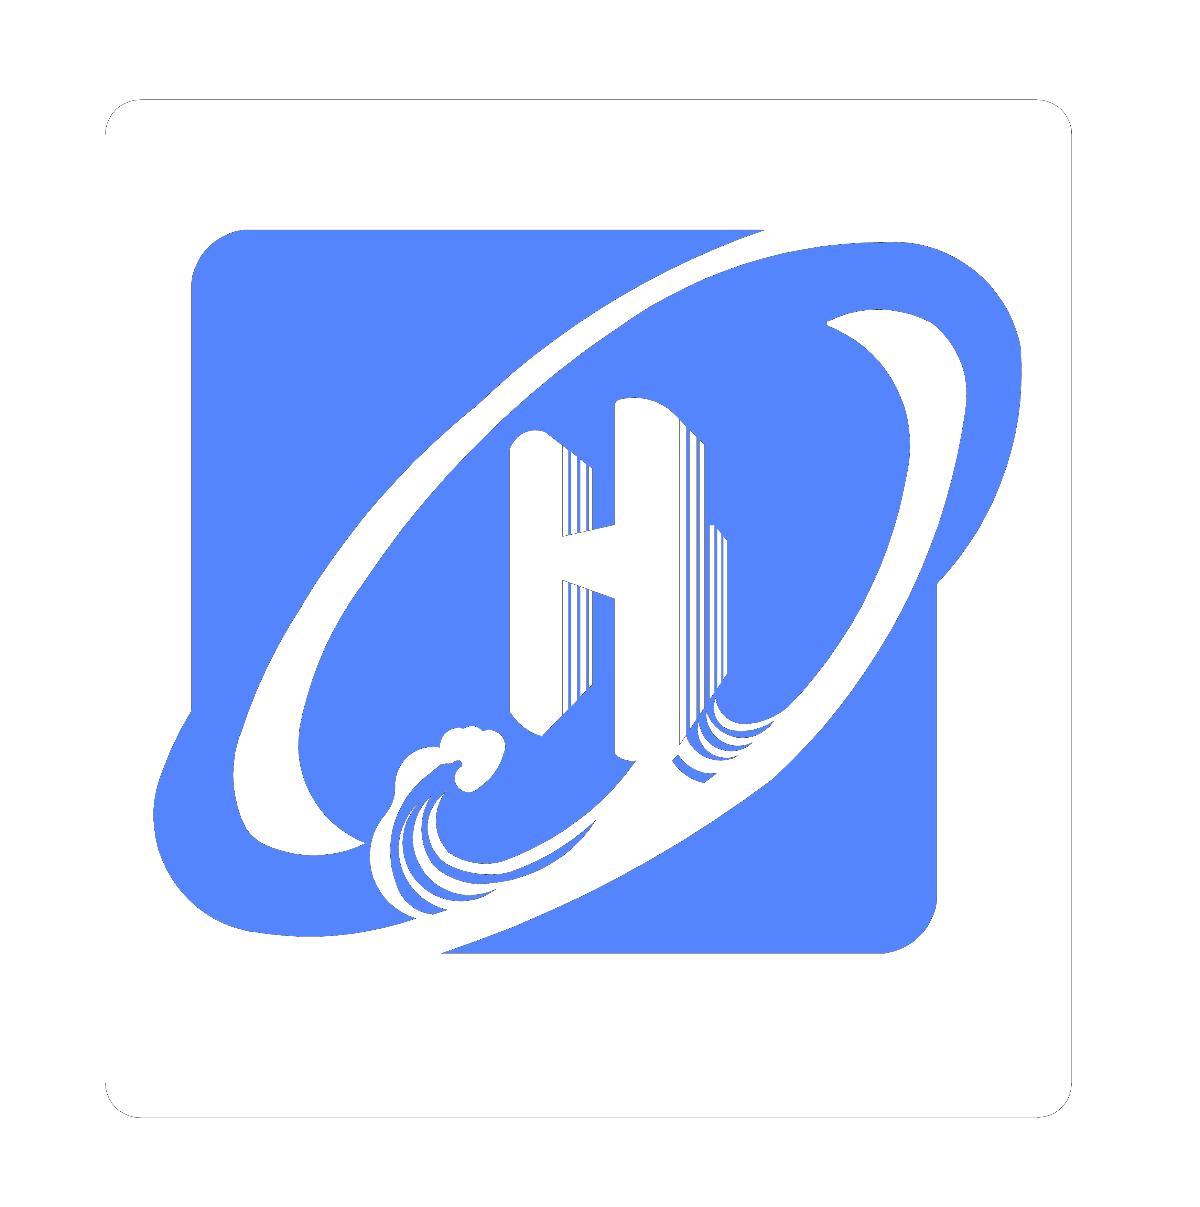 logo logo 标志 设计 矢量 矢量图 素材 图标 1200_1207